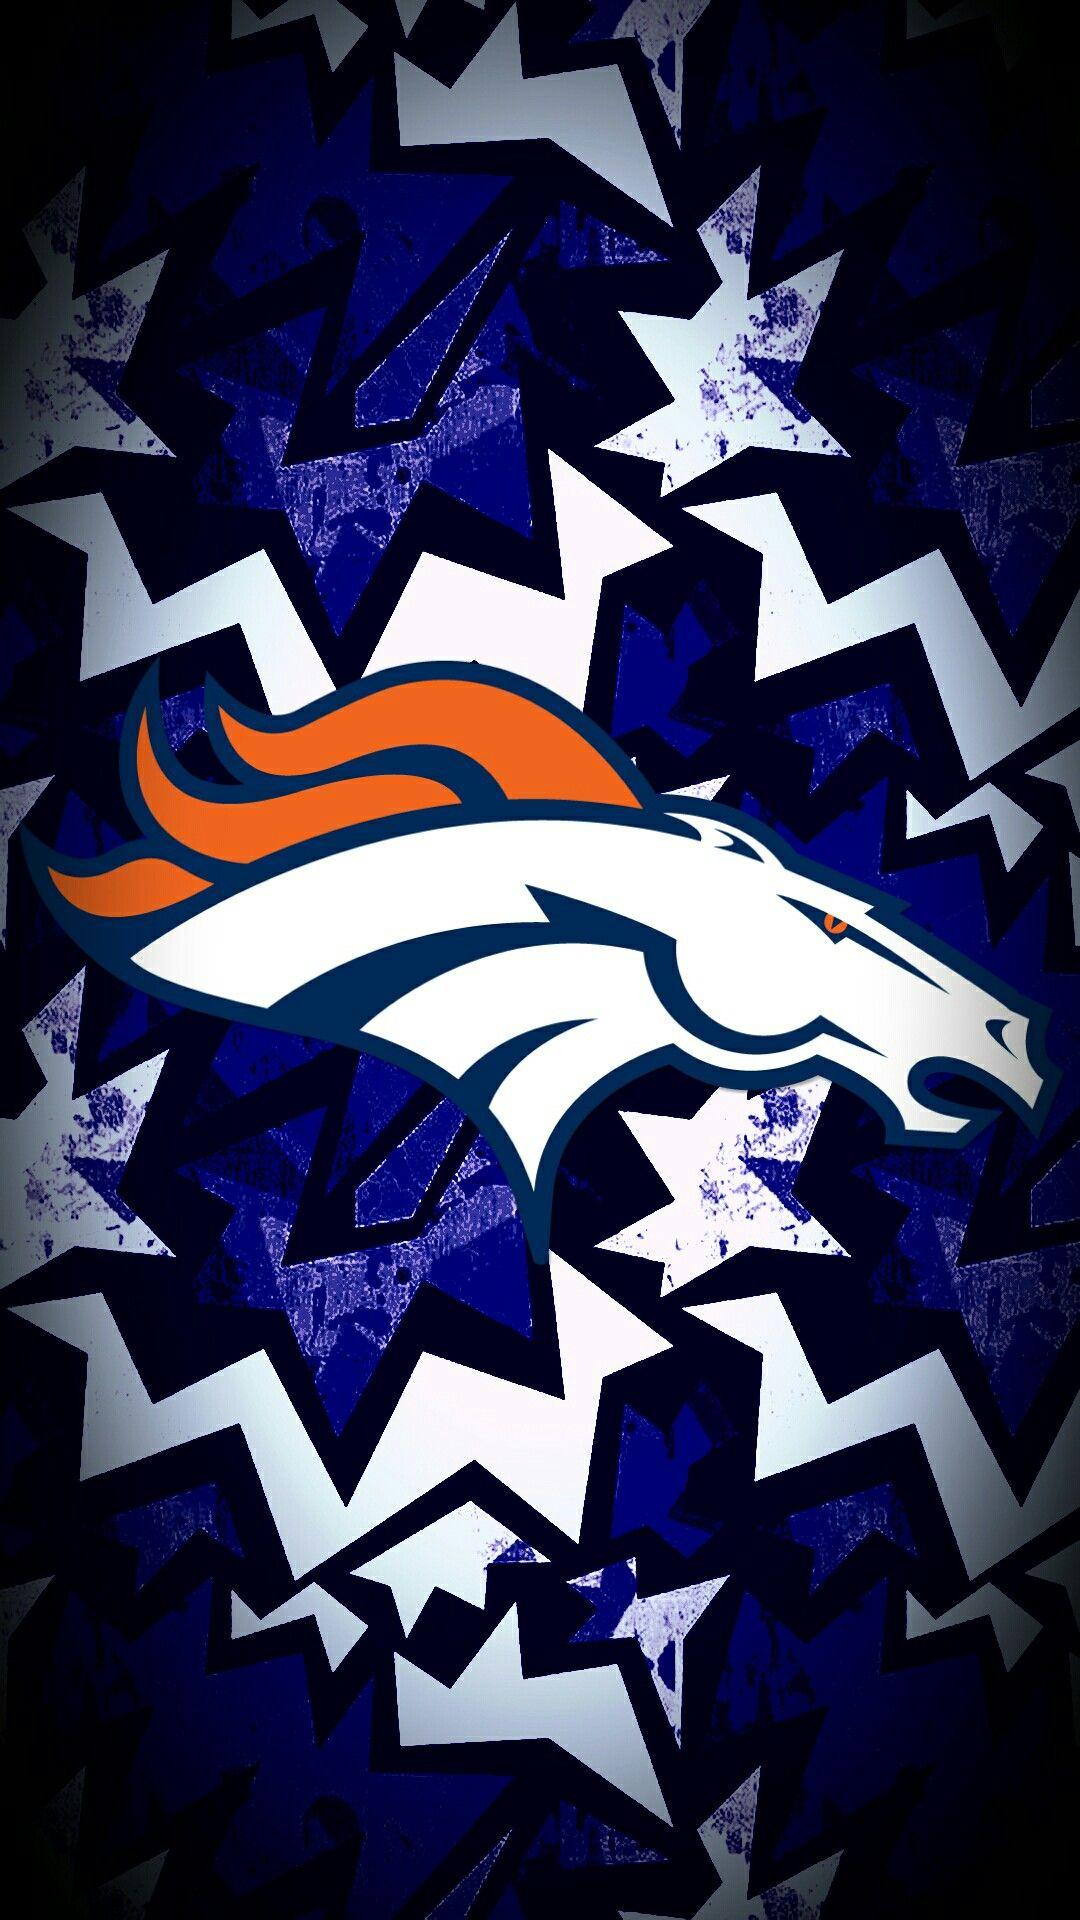 Denver Broncos wallpaper | denver broncos logo | Denver broncos wallpaper, Broncos, Broncos ...